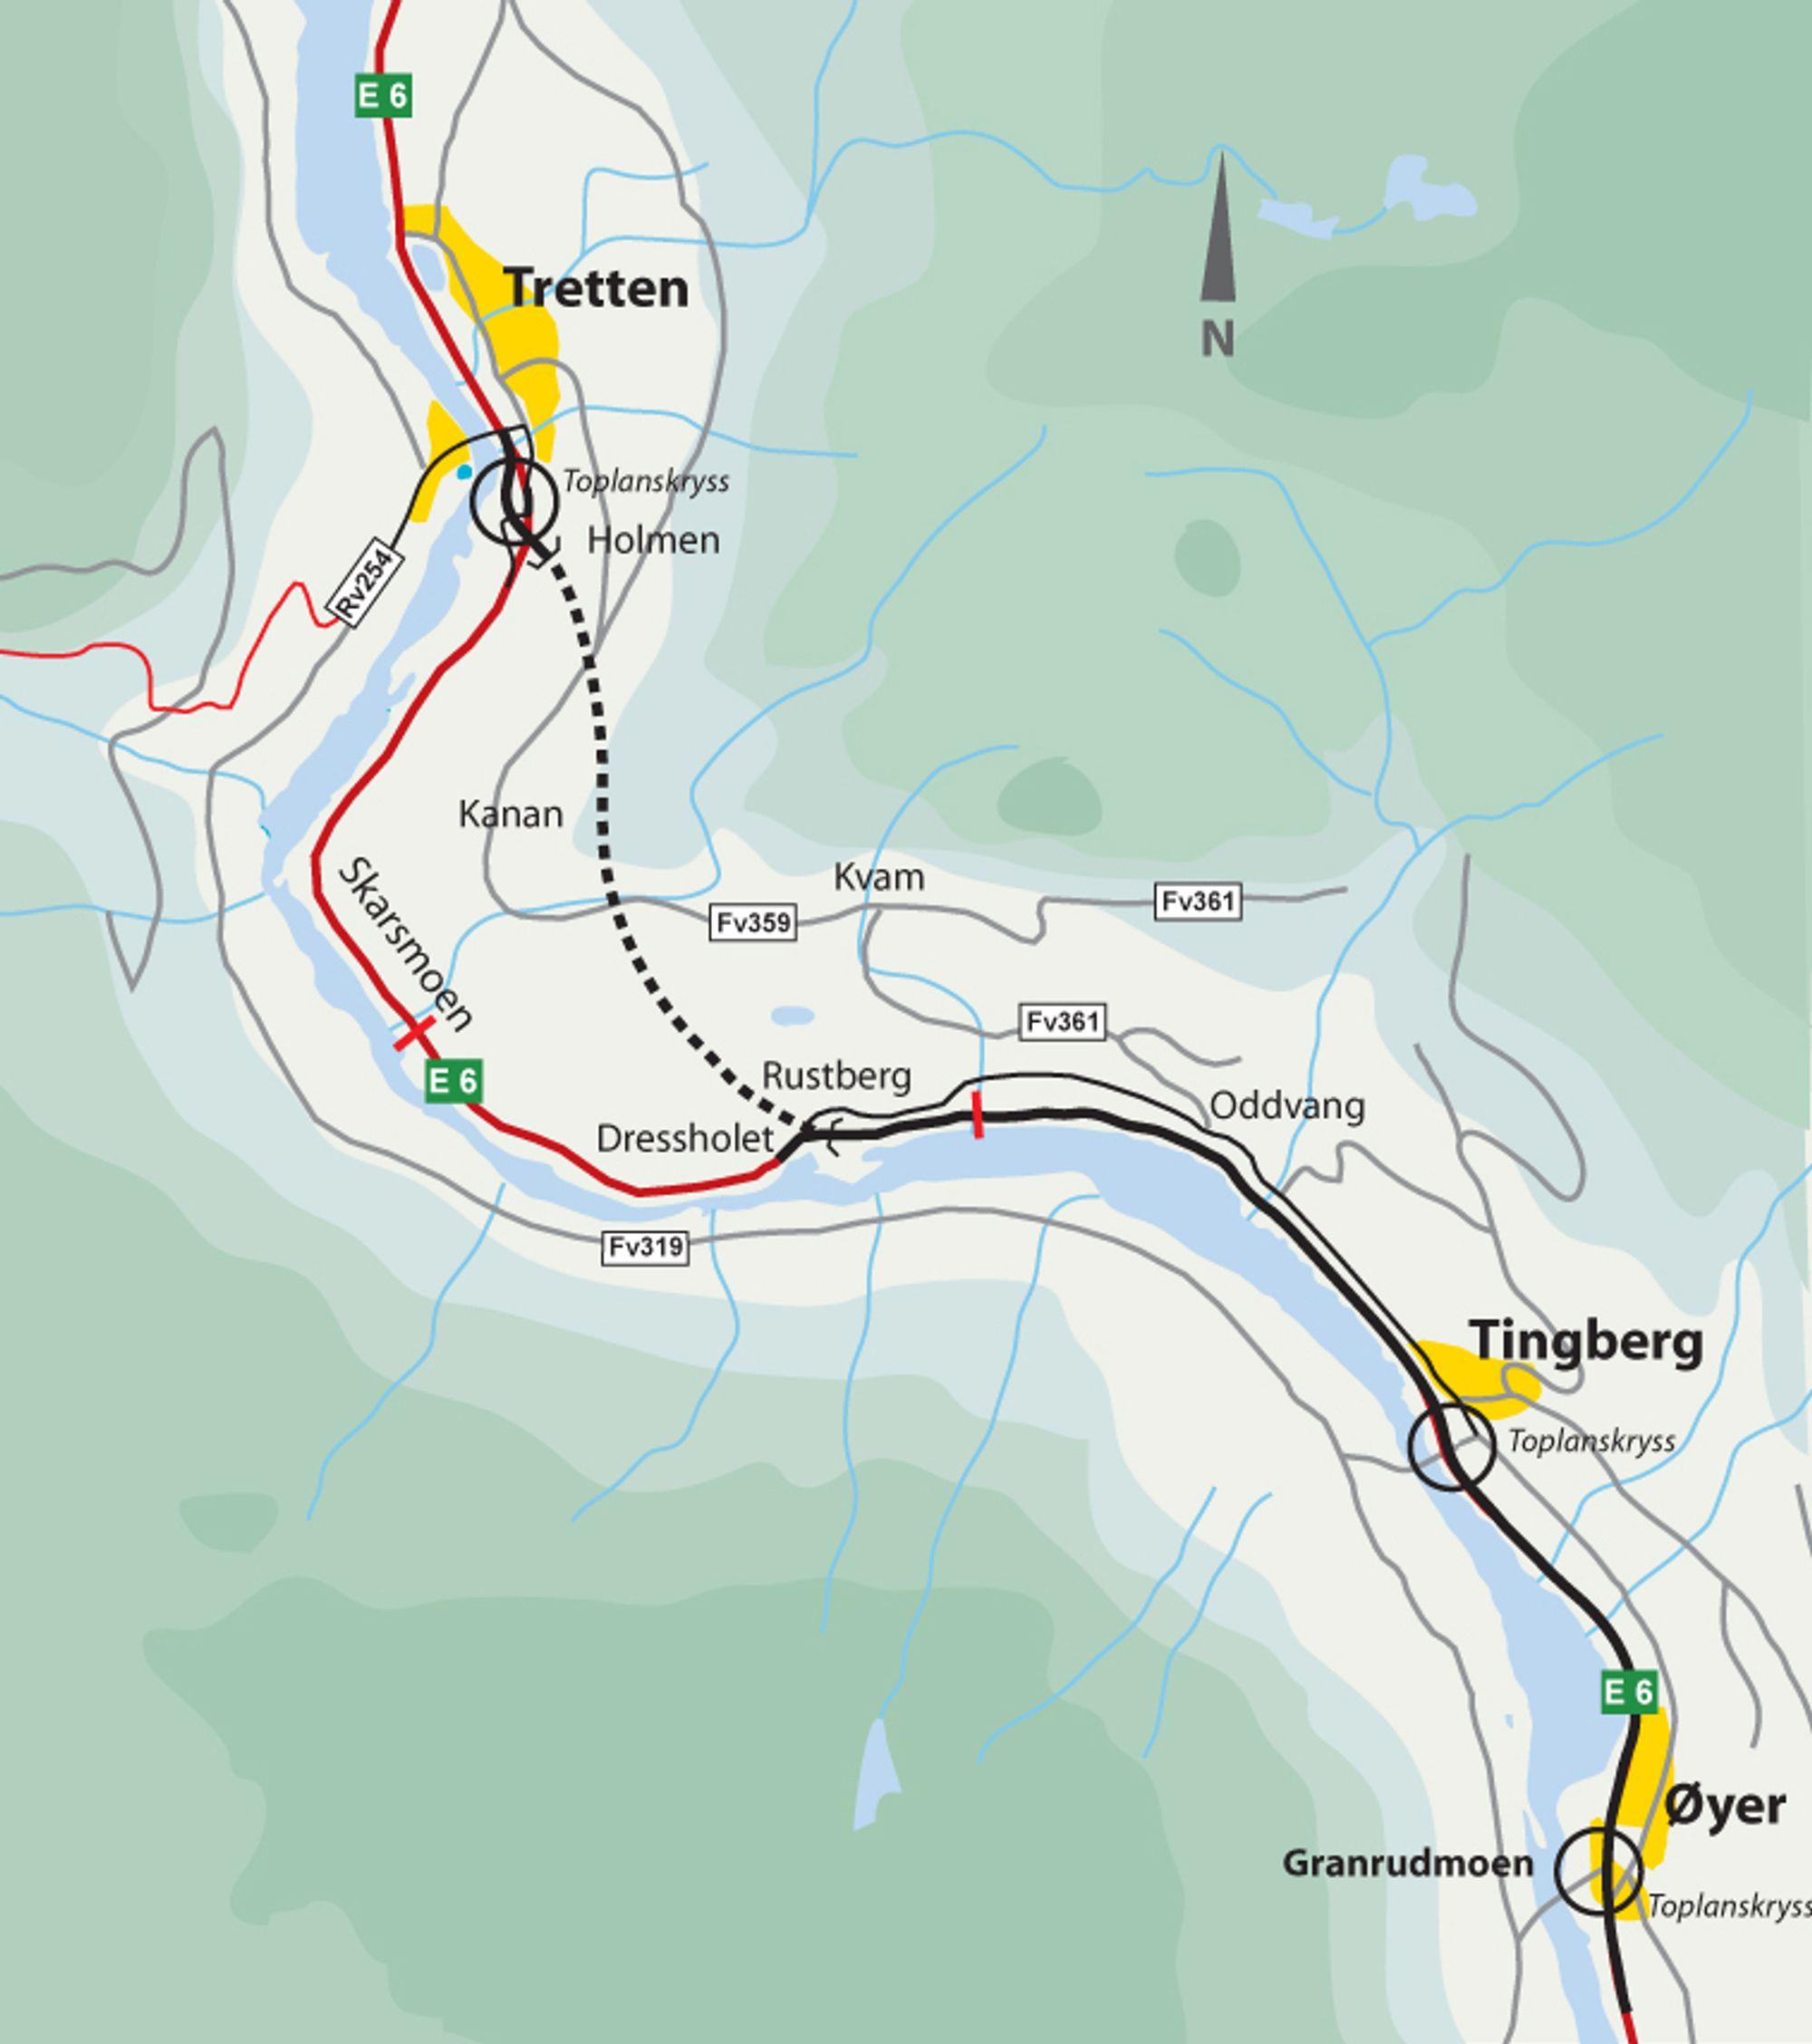 E 6 gjennom Gudbrandsdalen blir to kilometer kortere enn i dag når den 3,85 km lange Øyertunnelen blir åpnet senest 1. desmber 2012.